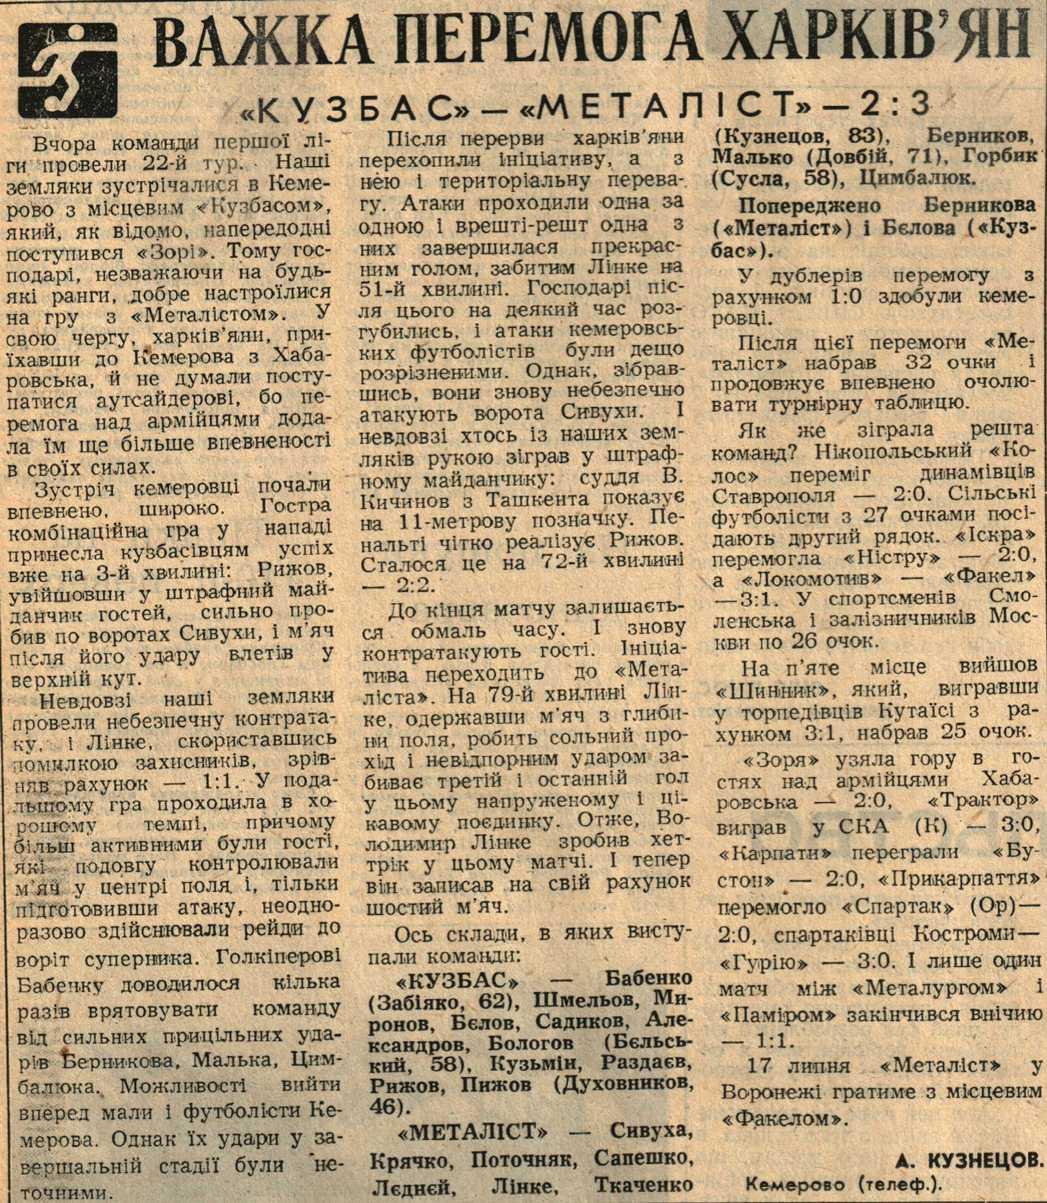 [Изображение: 1981-07-14_Kuzbass-MKh_2-3.JPG]